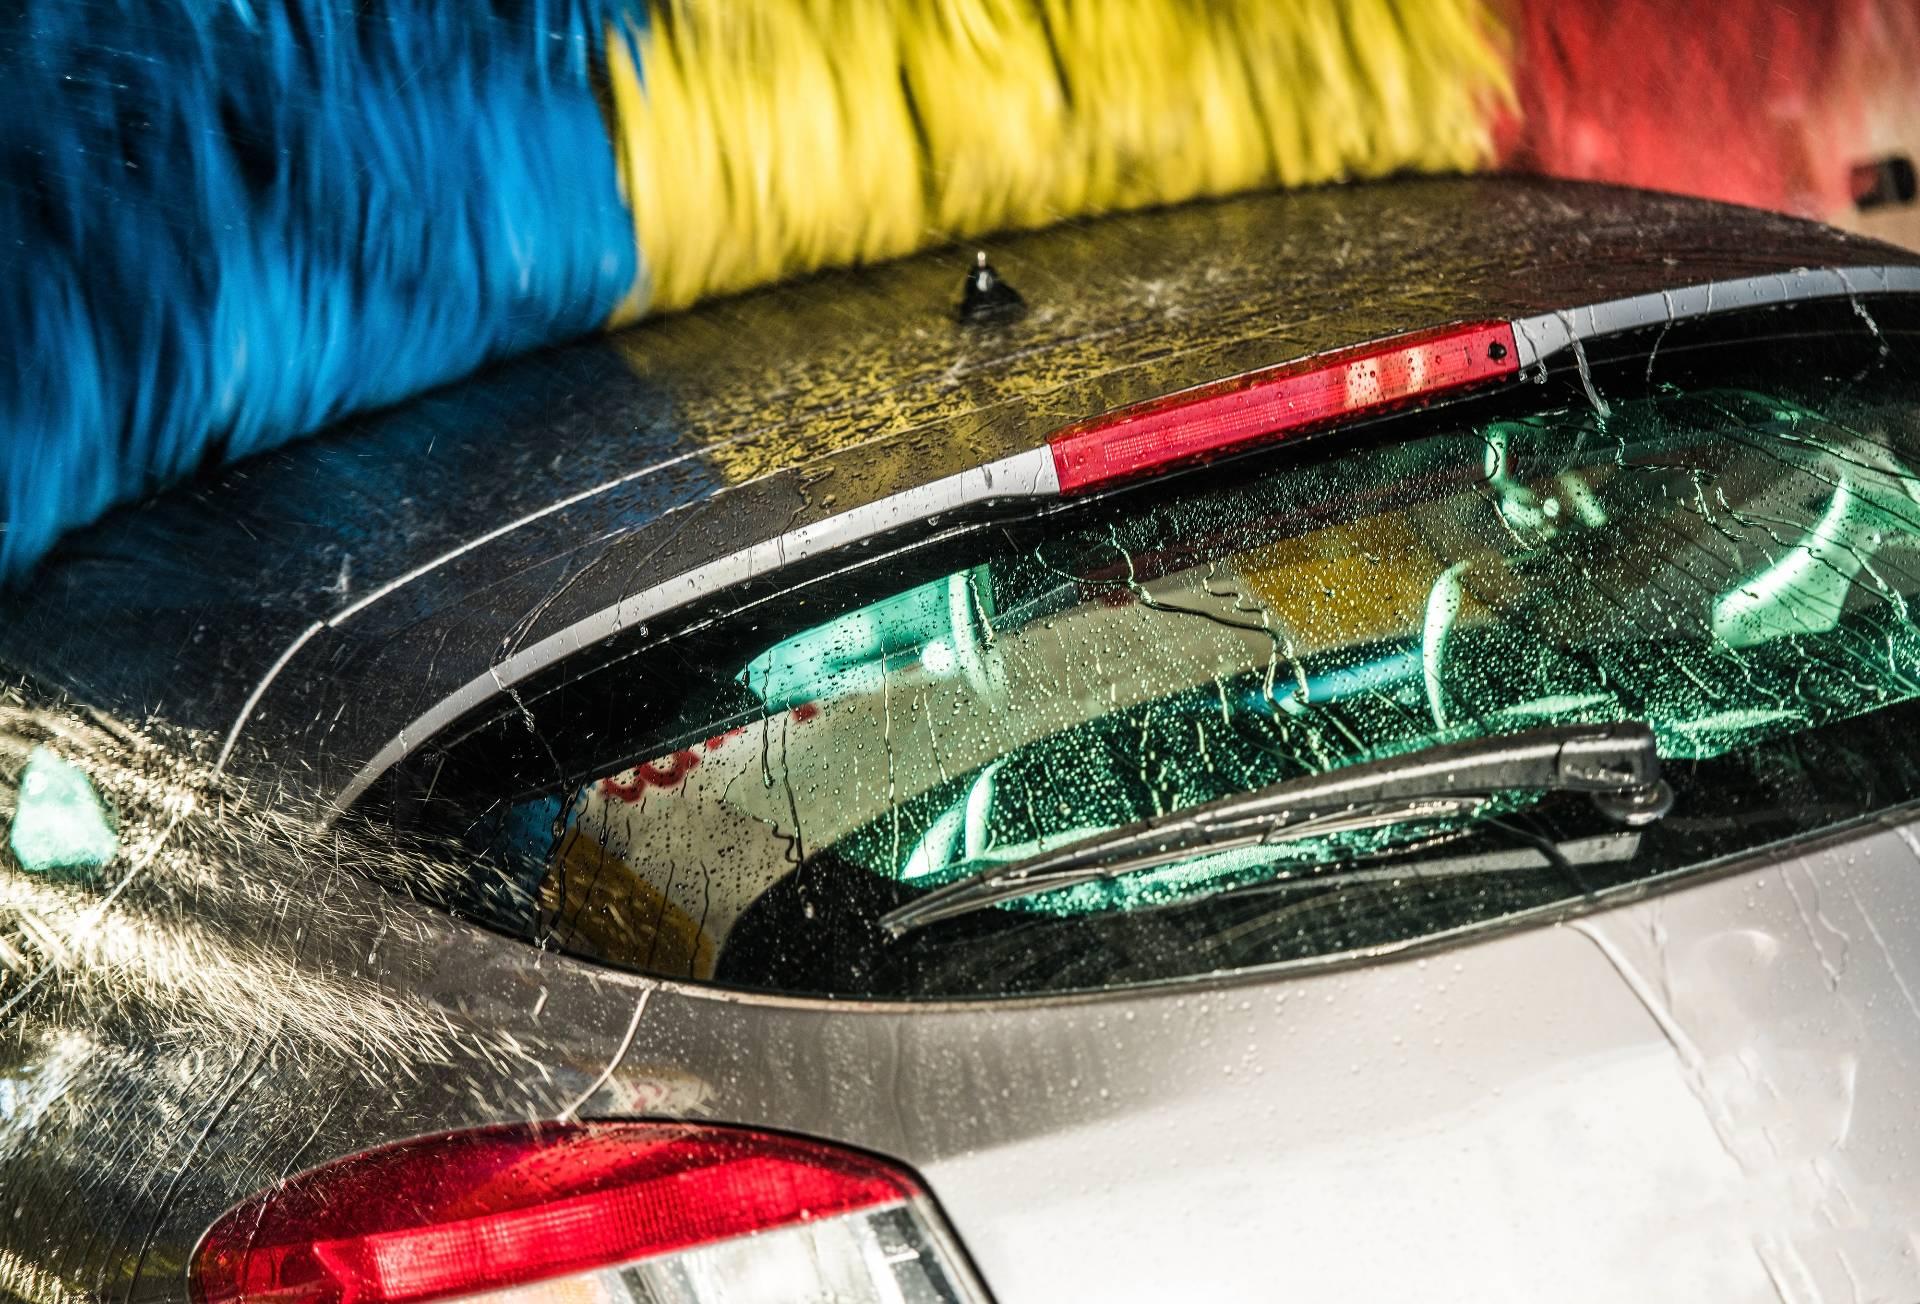 4 Recomendaciones para comprar un coche barato y fiable - Mantenimiento